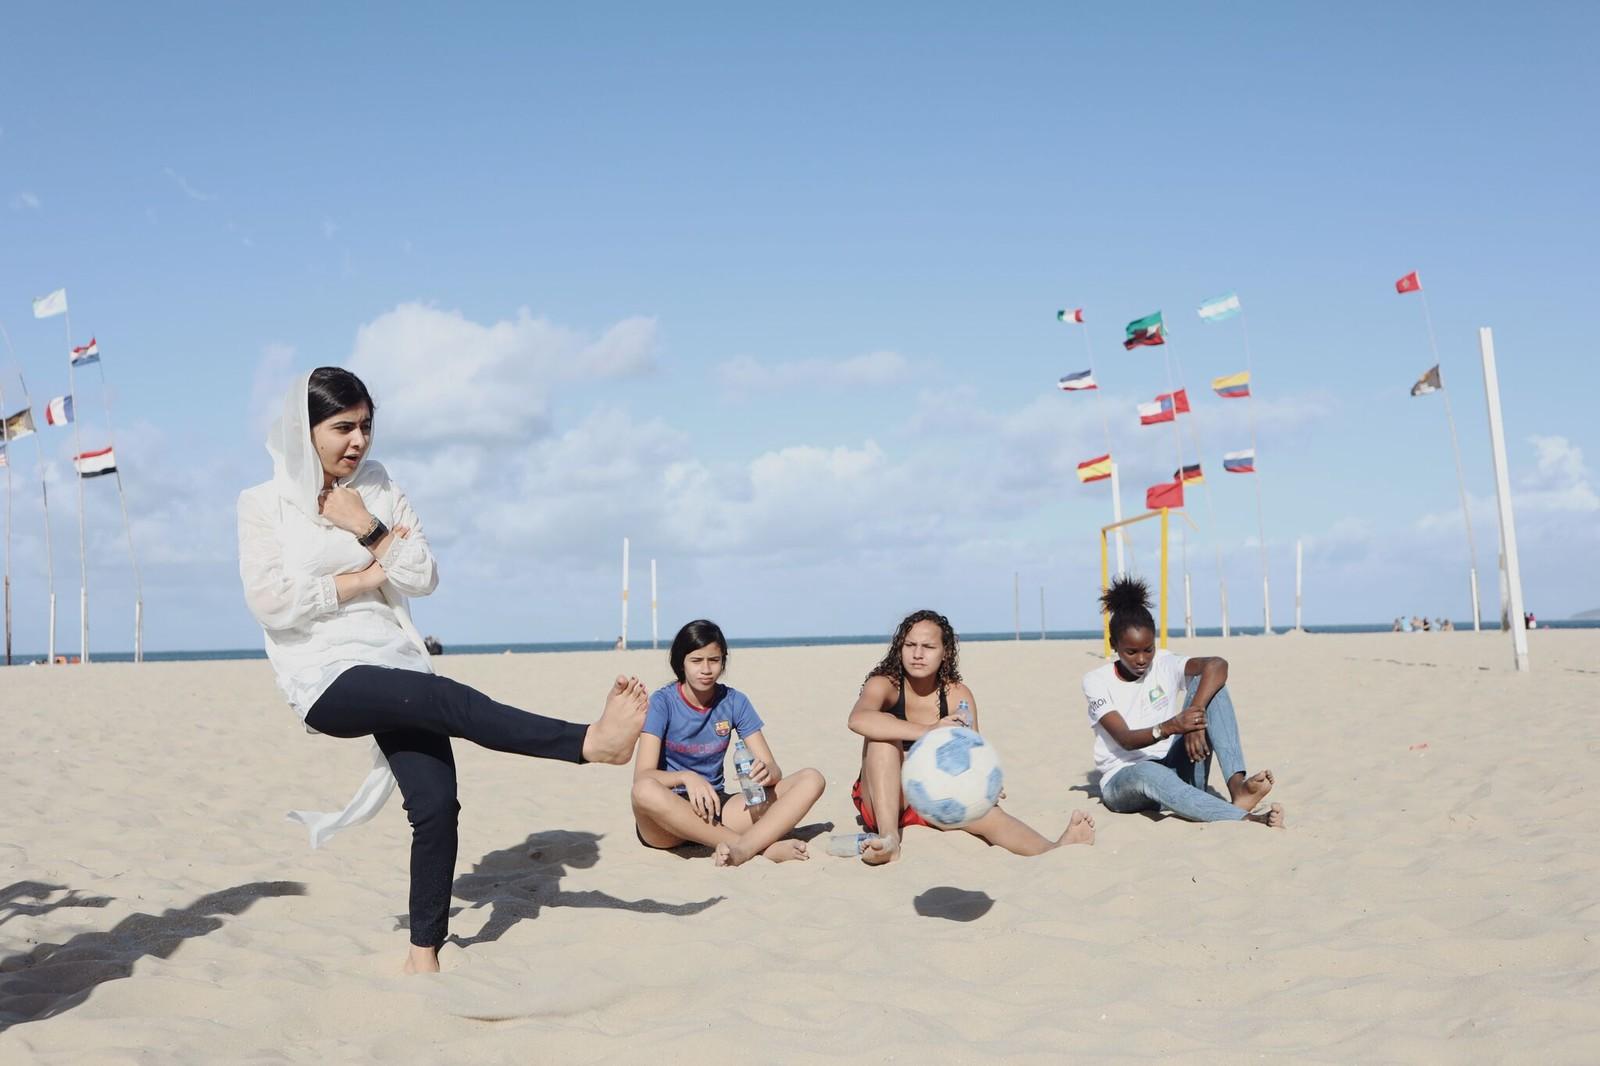 malala futebol praia